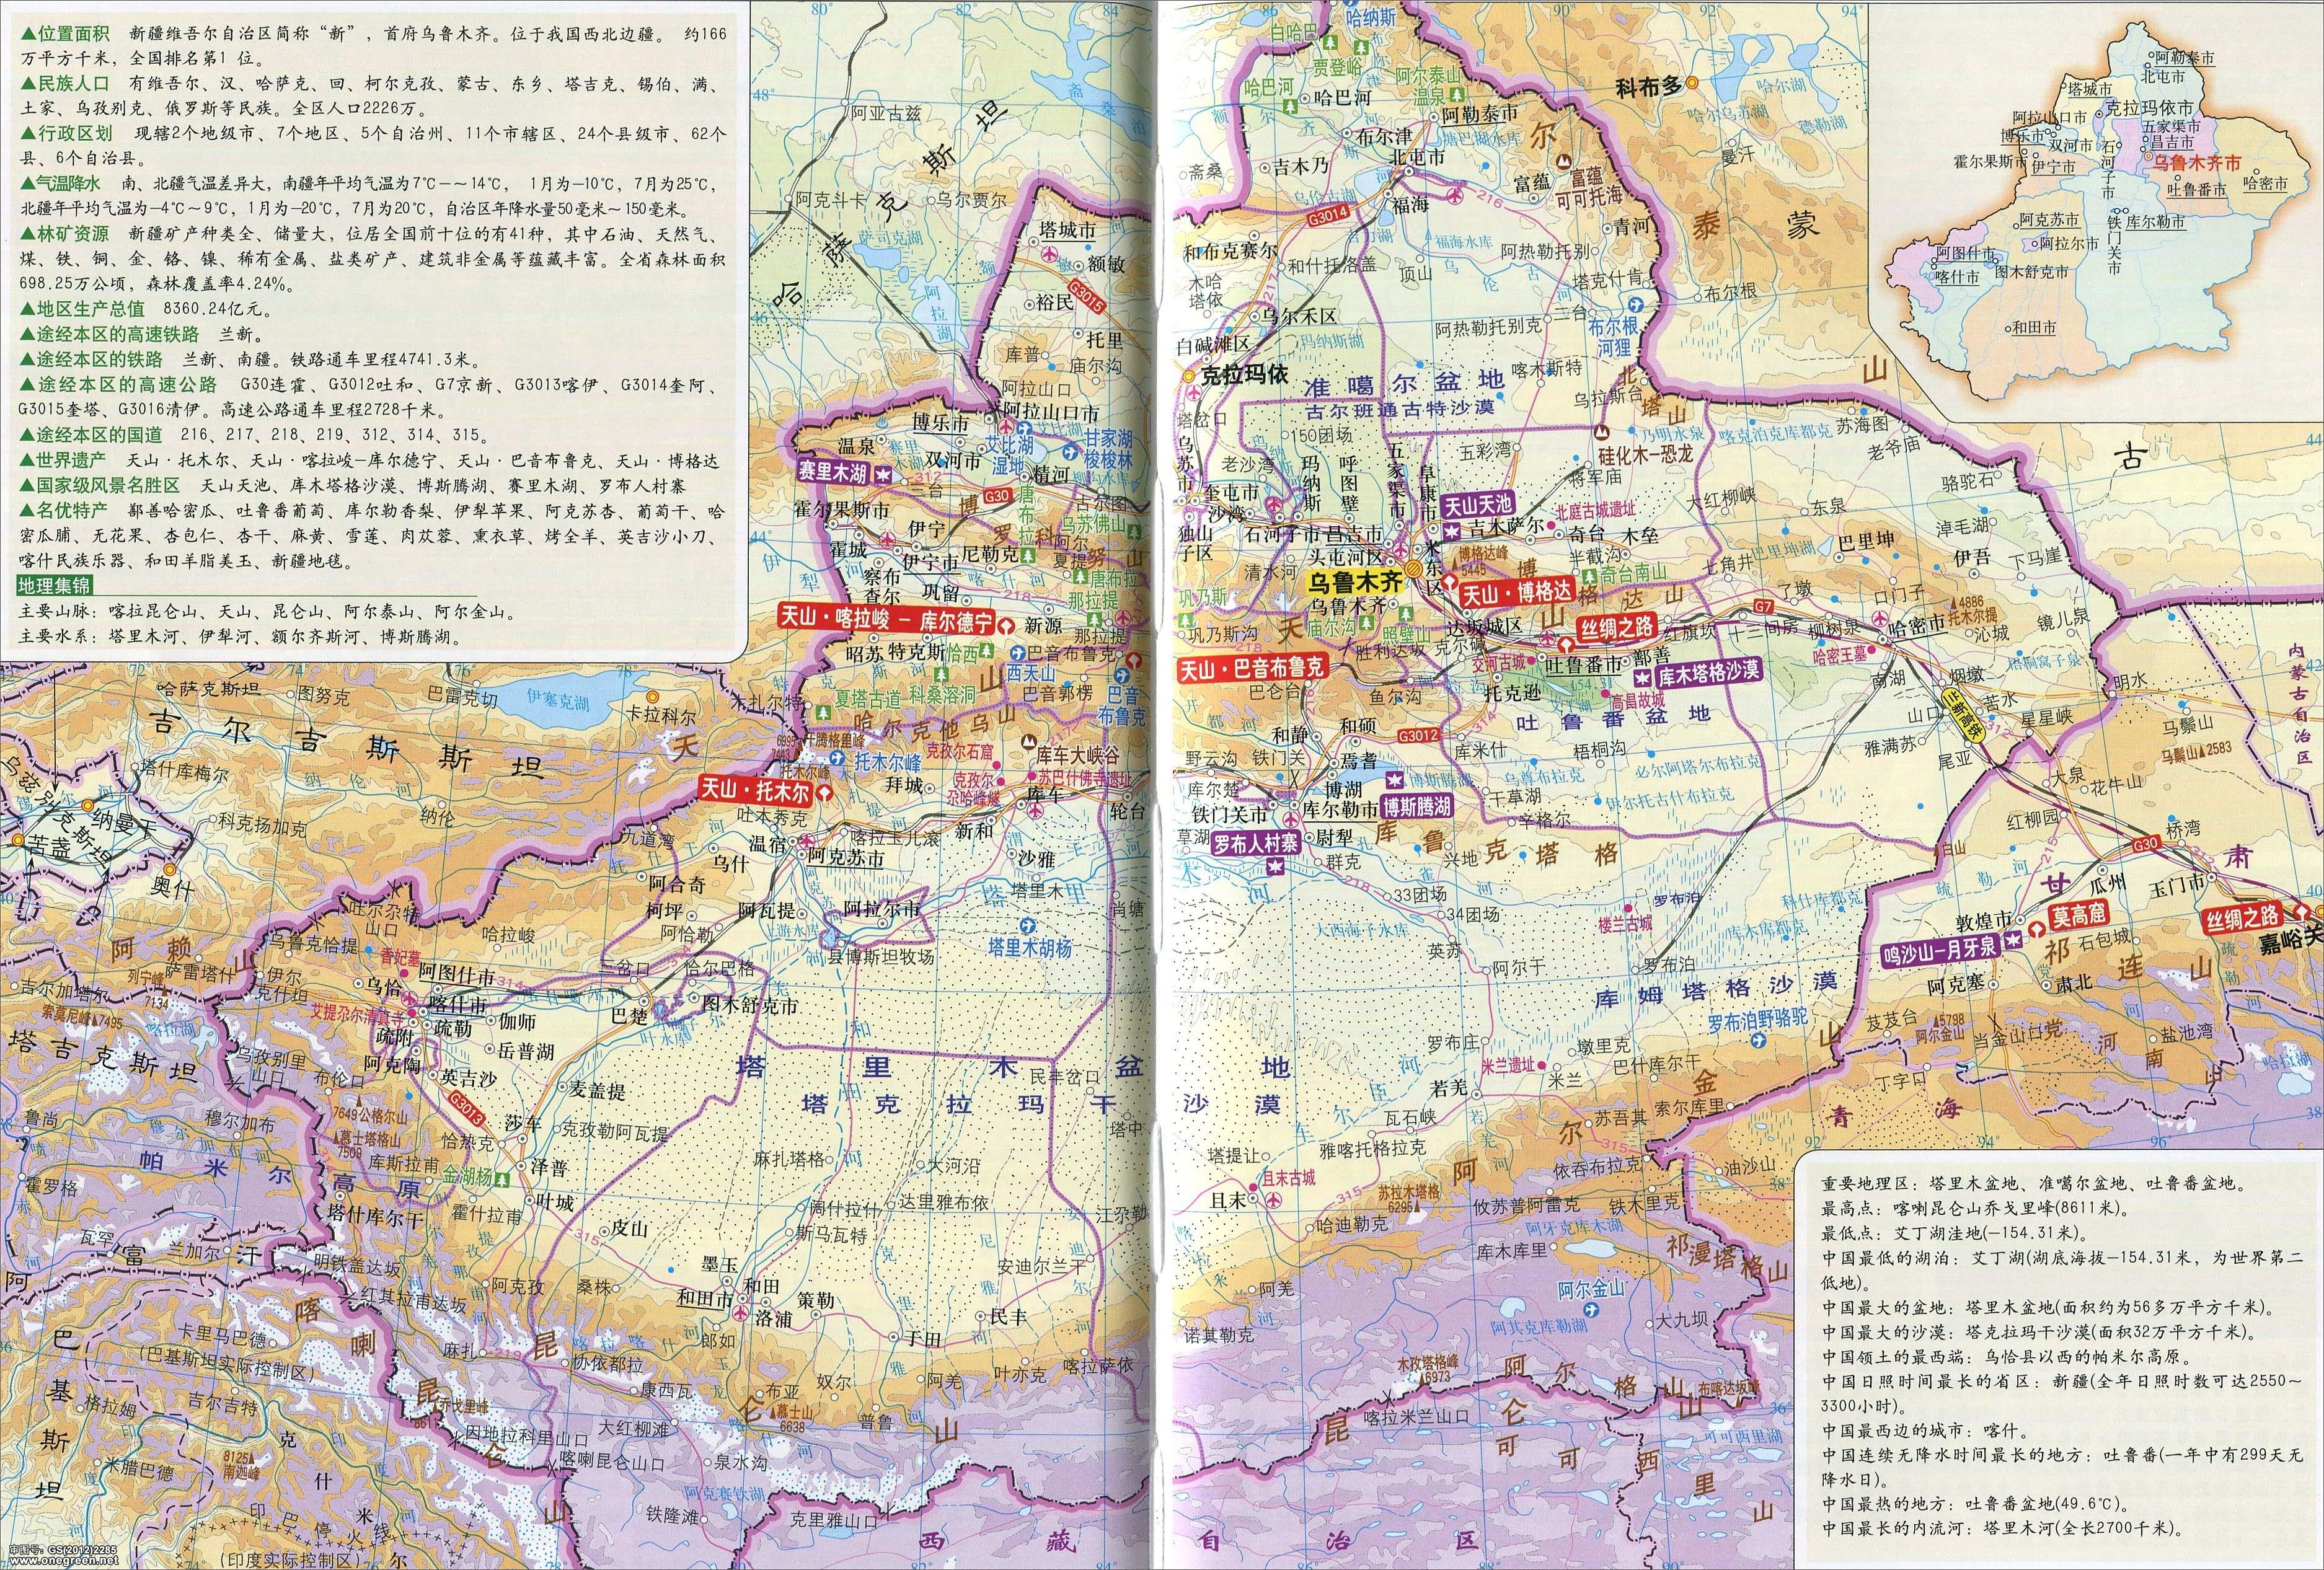 贵州省政区图_新疆地图地形版_新疆地图库_地图窝